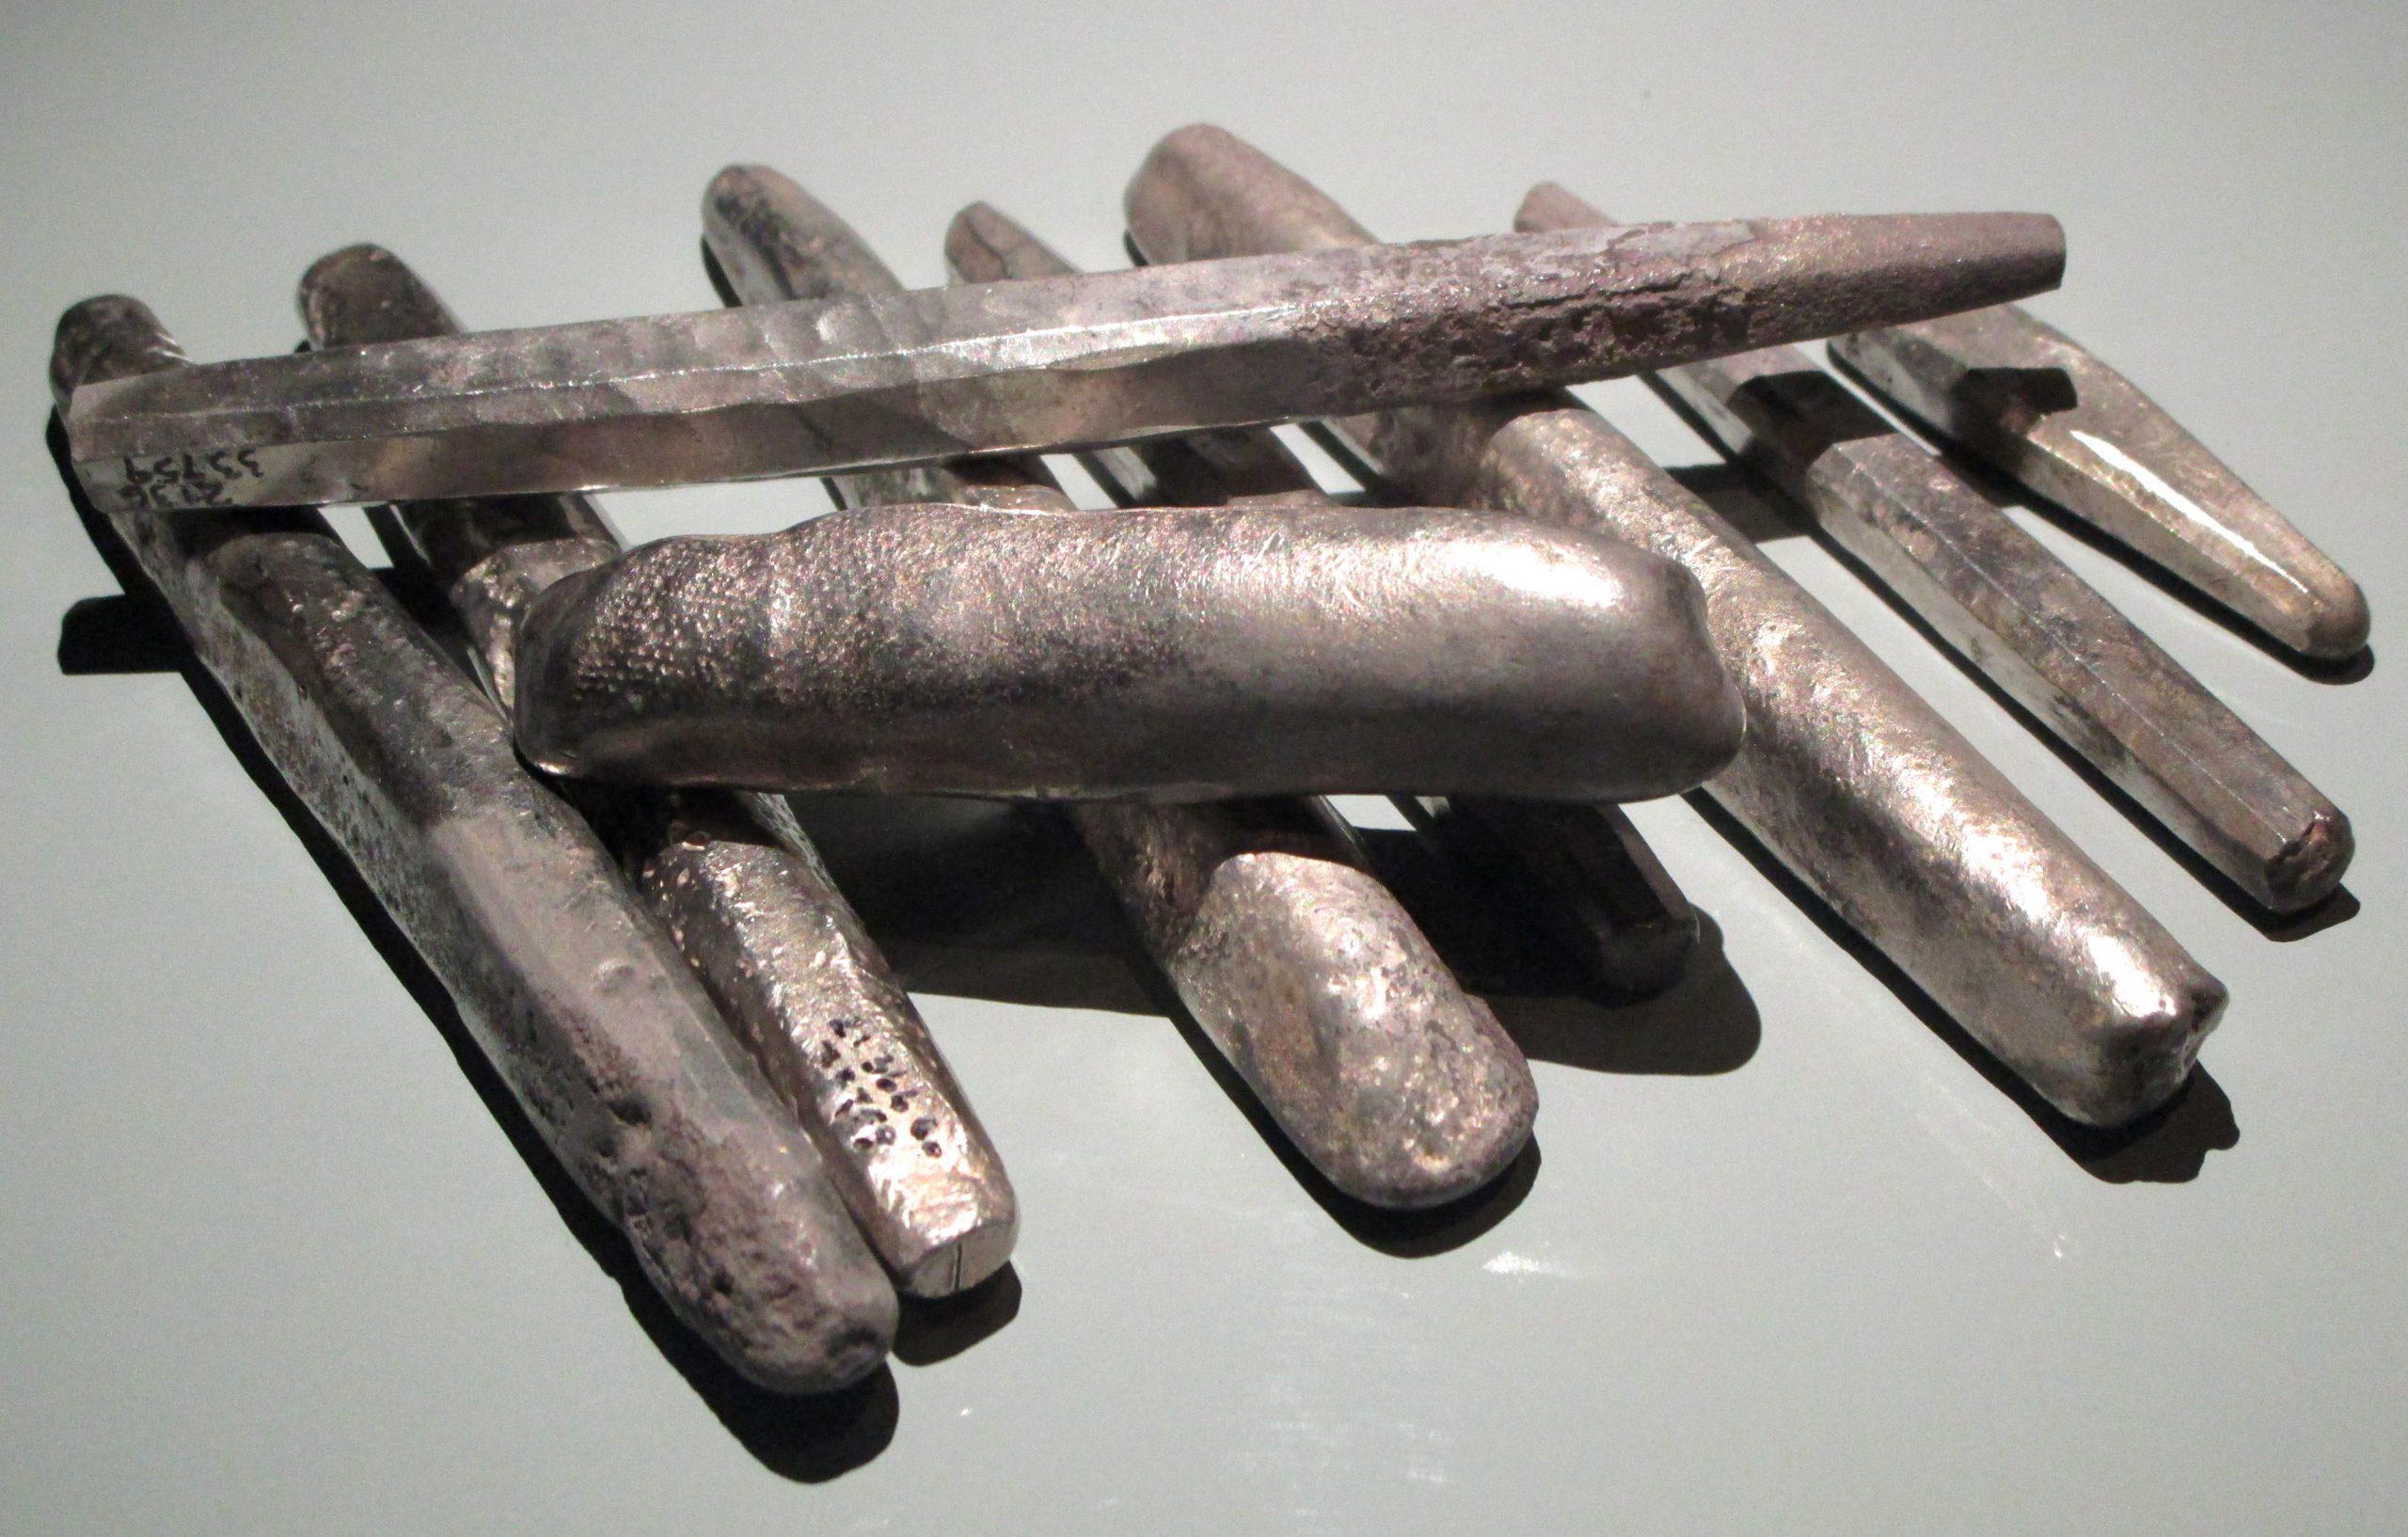 PGS 41,1 (2020) Tafel 3 Abb. 4: Gotland. Fornsal Museum in Visby. Einige Silberbarren aus dem Spillings Hort 2.